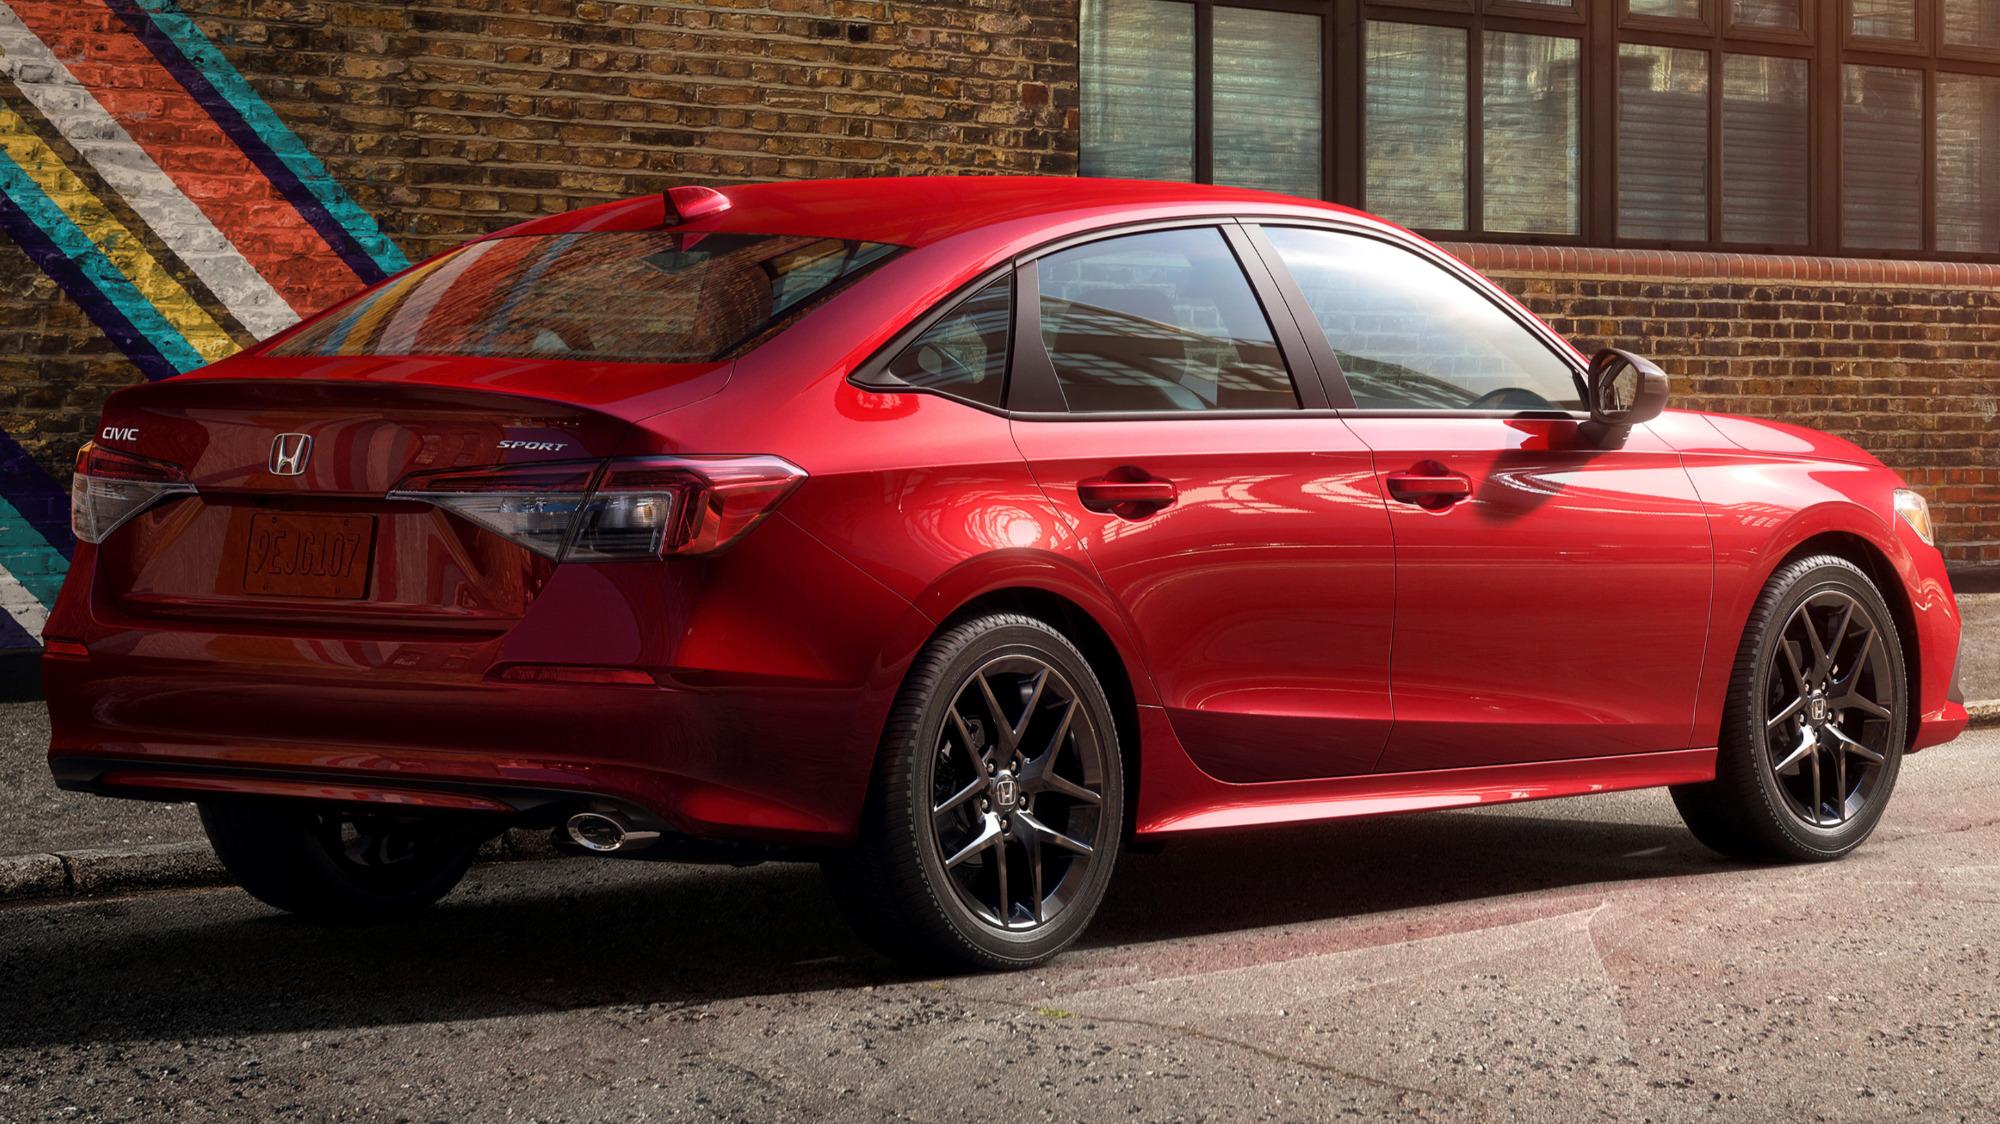 Honda Civic Sedan Sport vermelho traseira cenário urbano